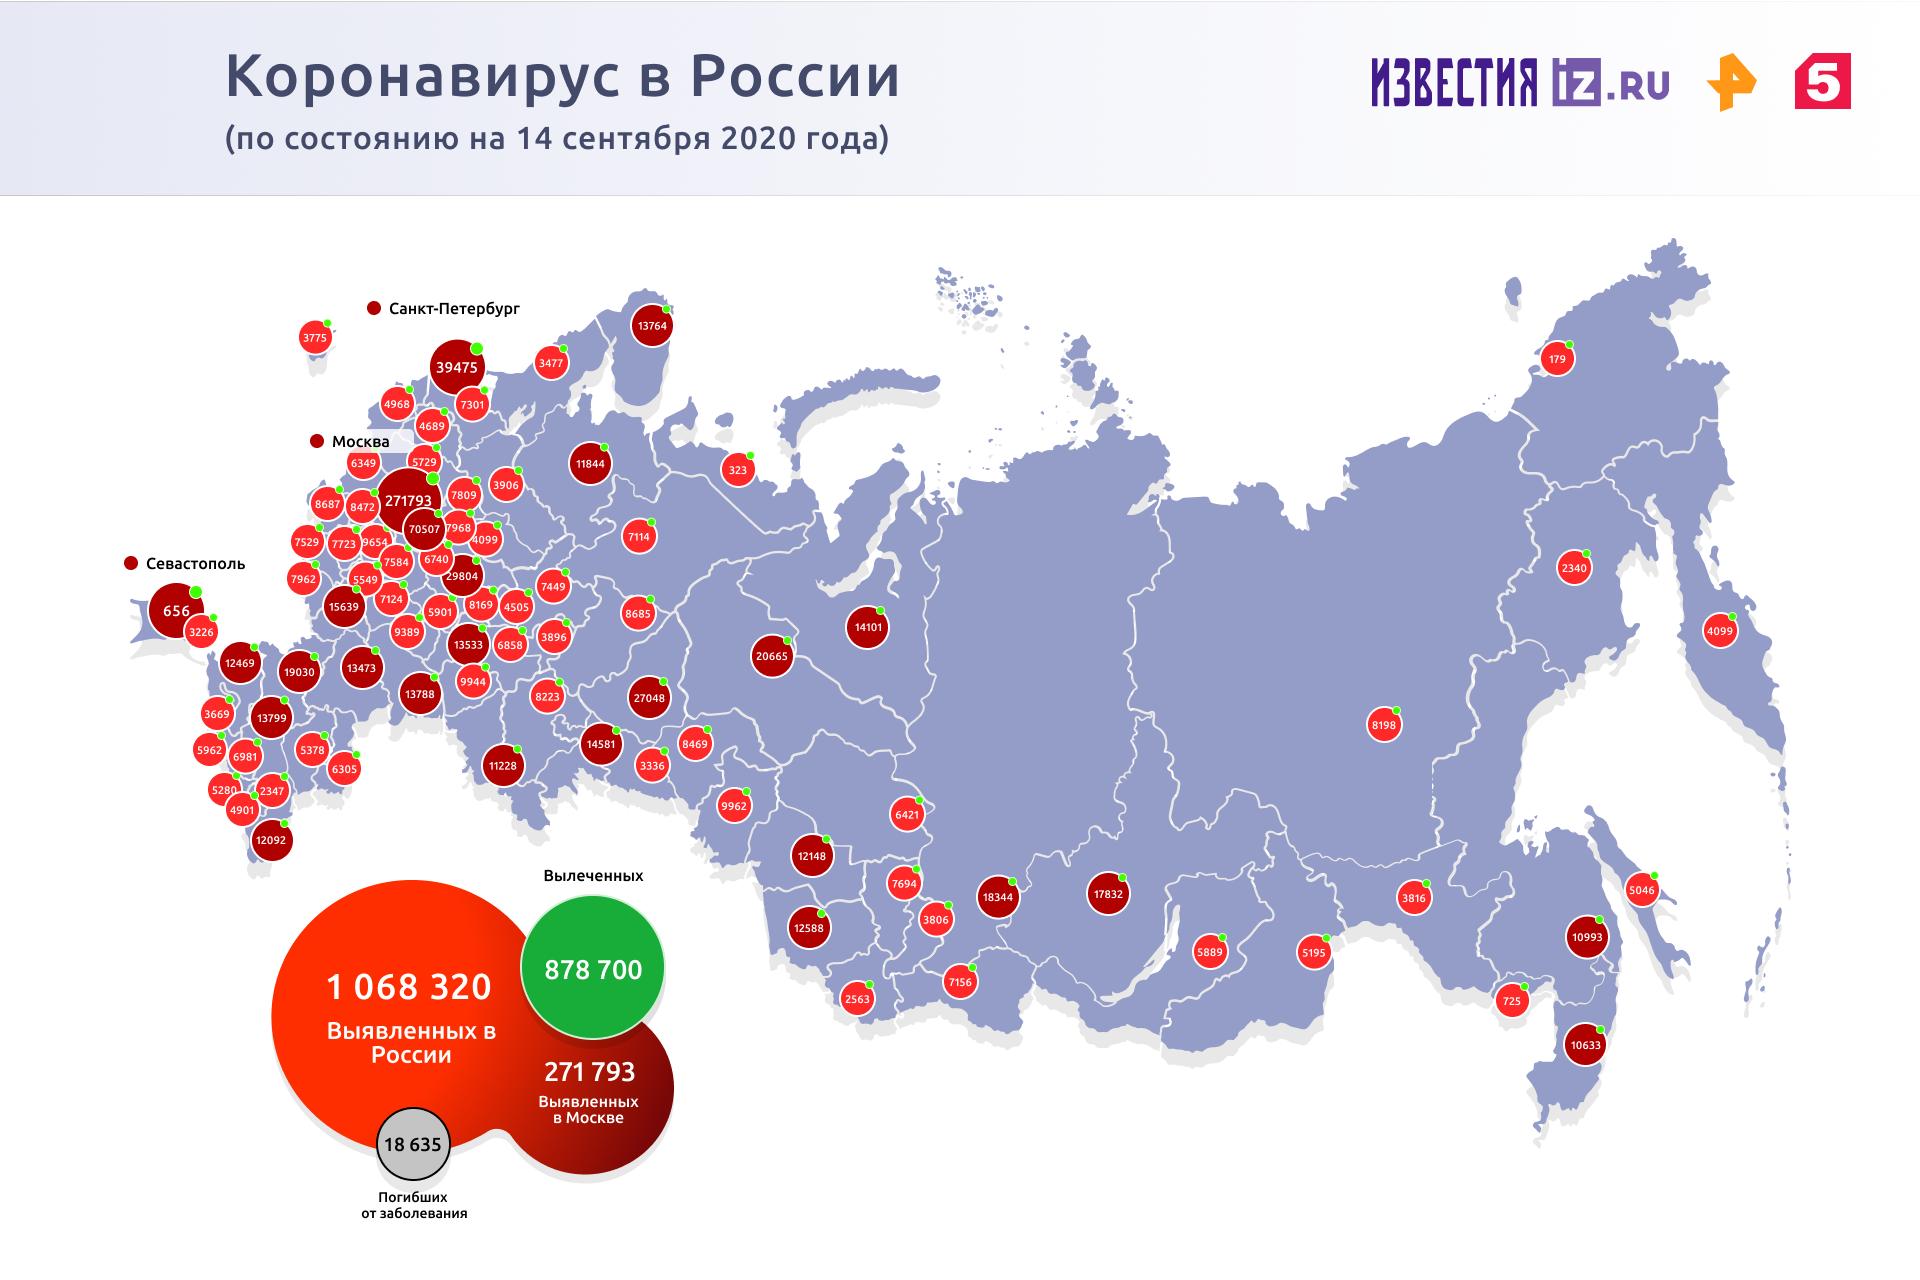 Пандемия коронавируса «закрыла» до 20% российских турагентств